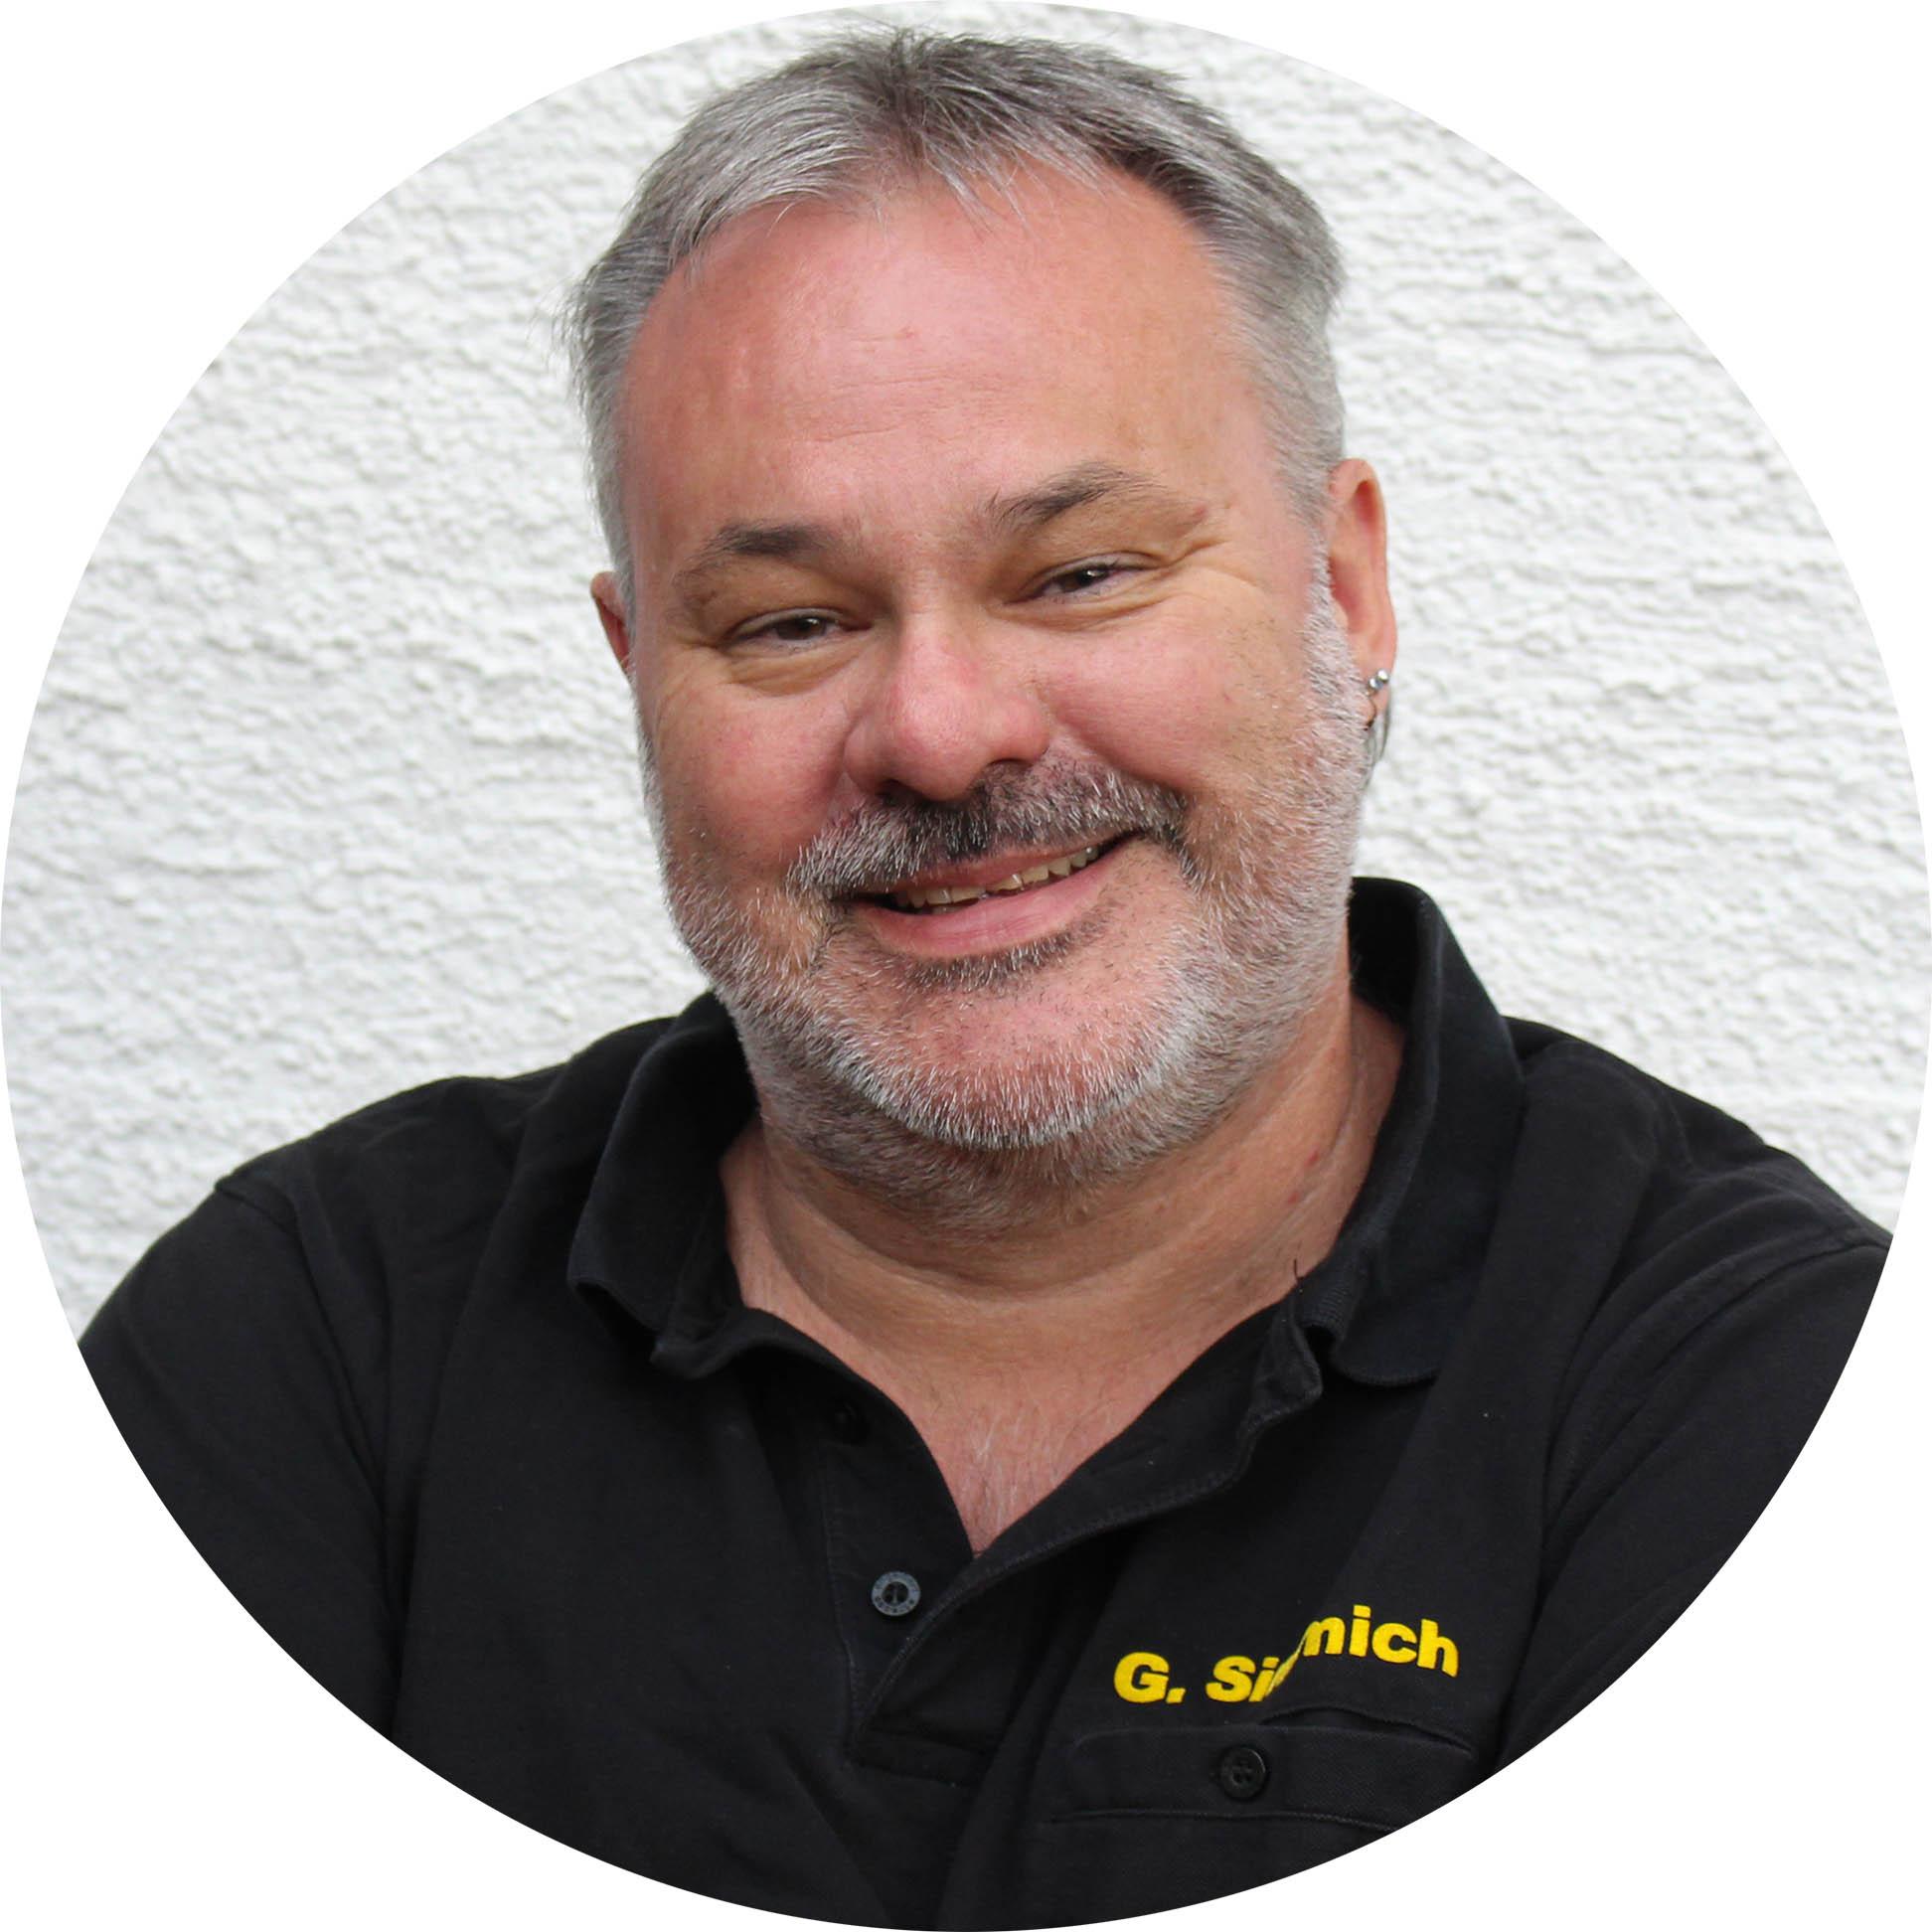 Gunnar Simmich Gloede GmbH